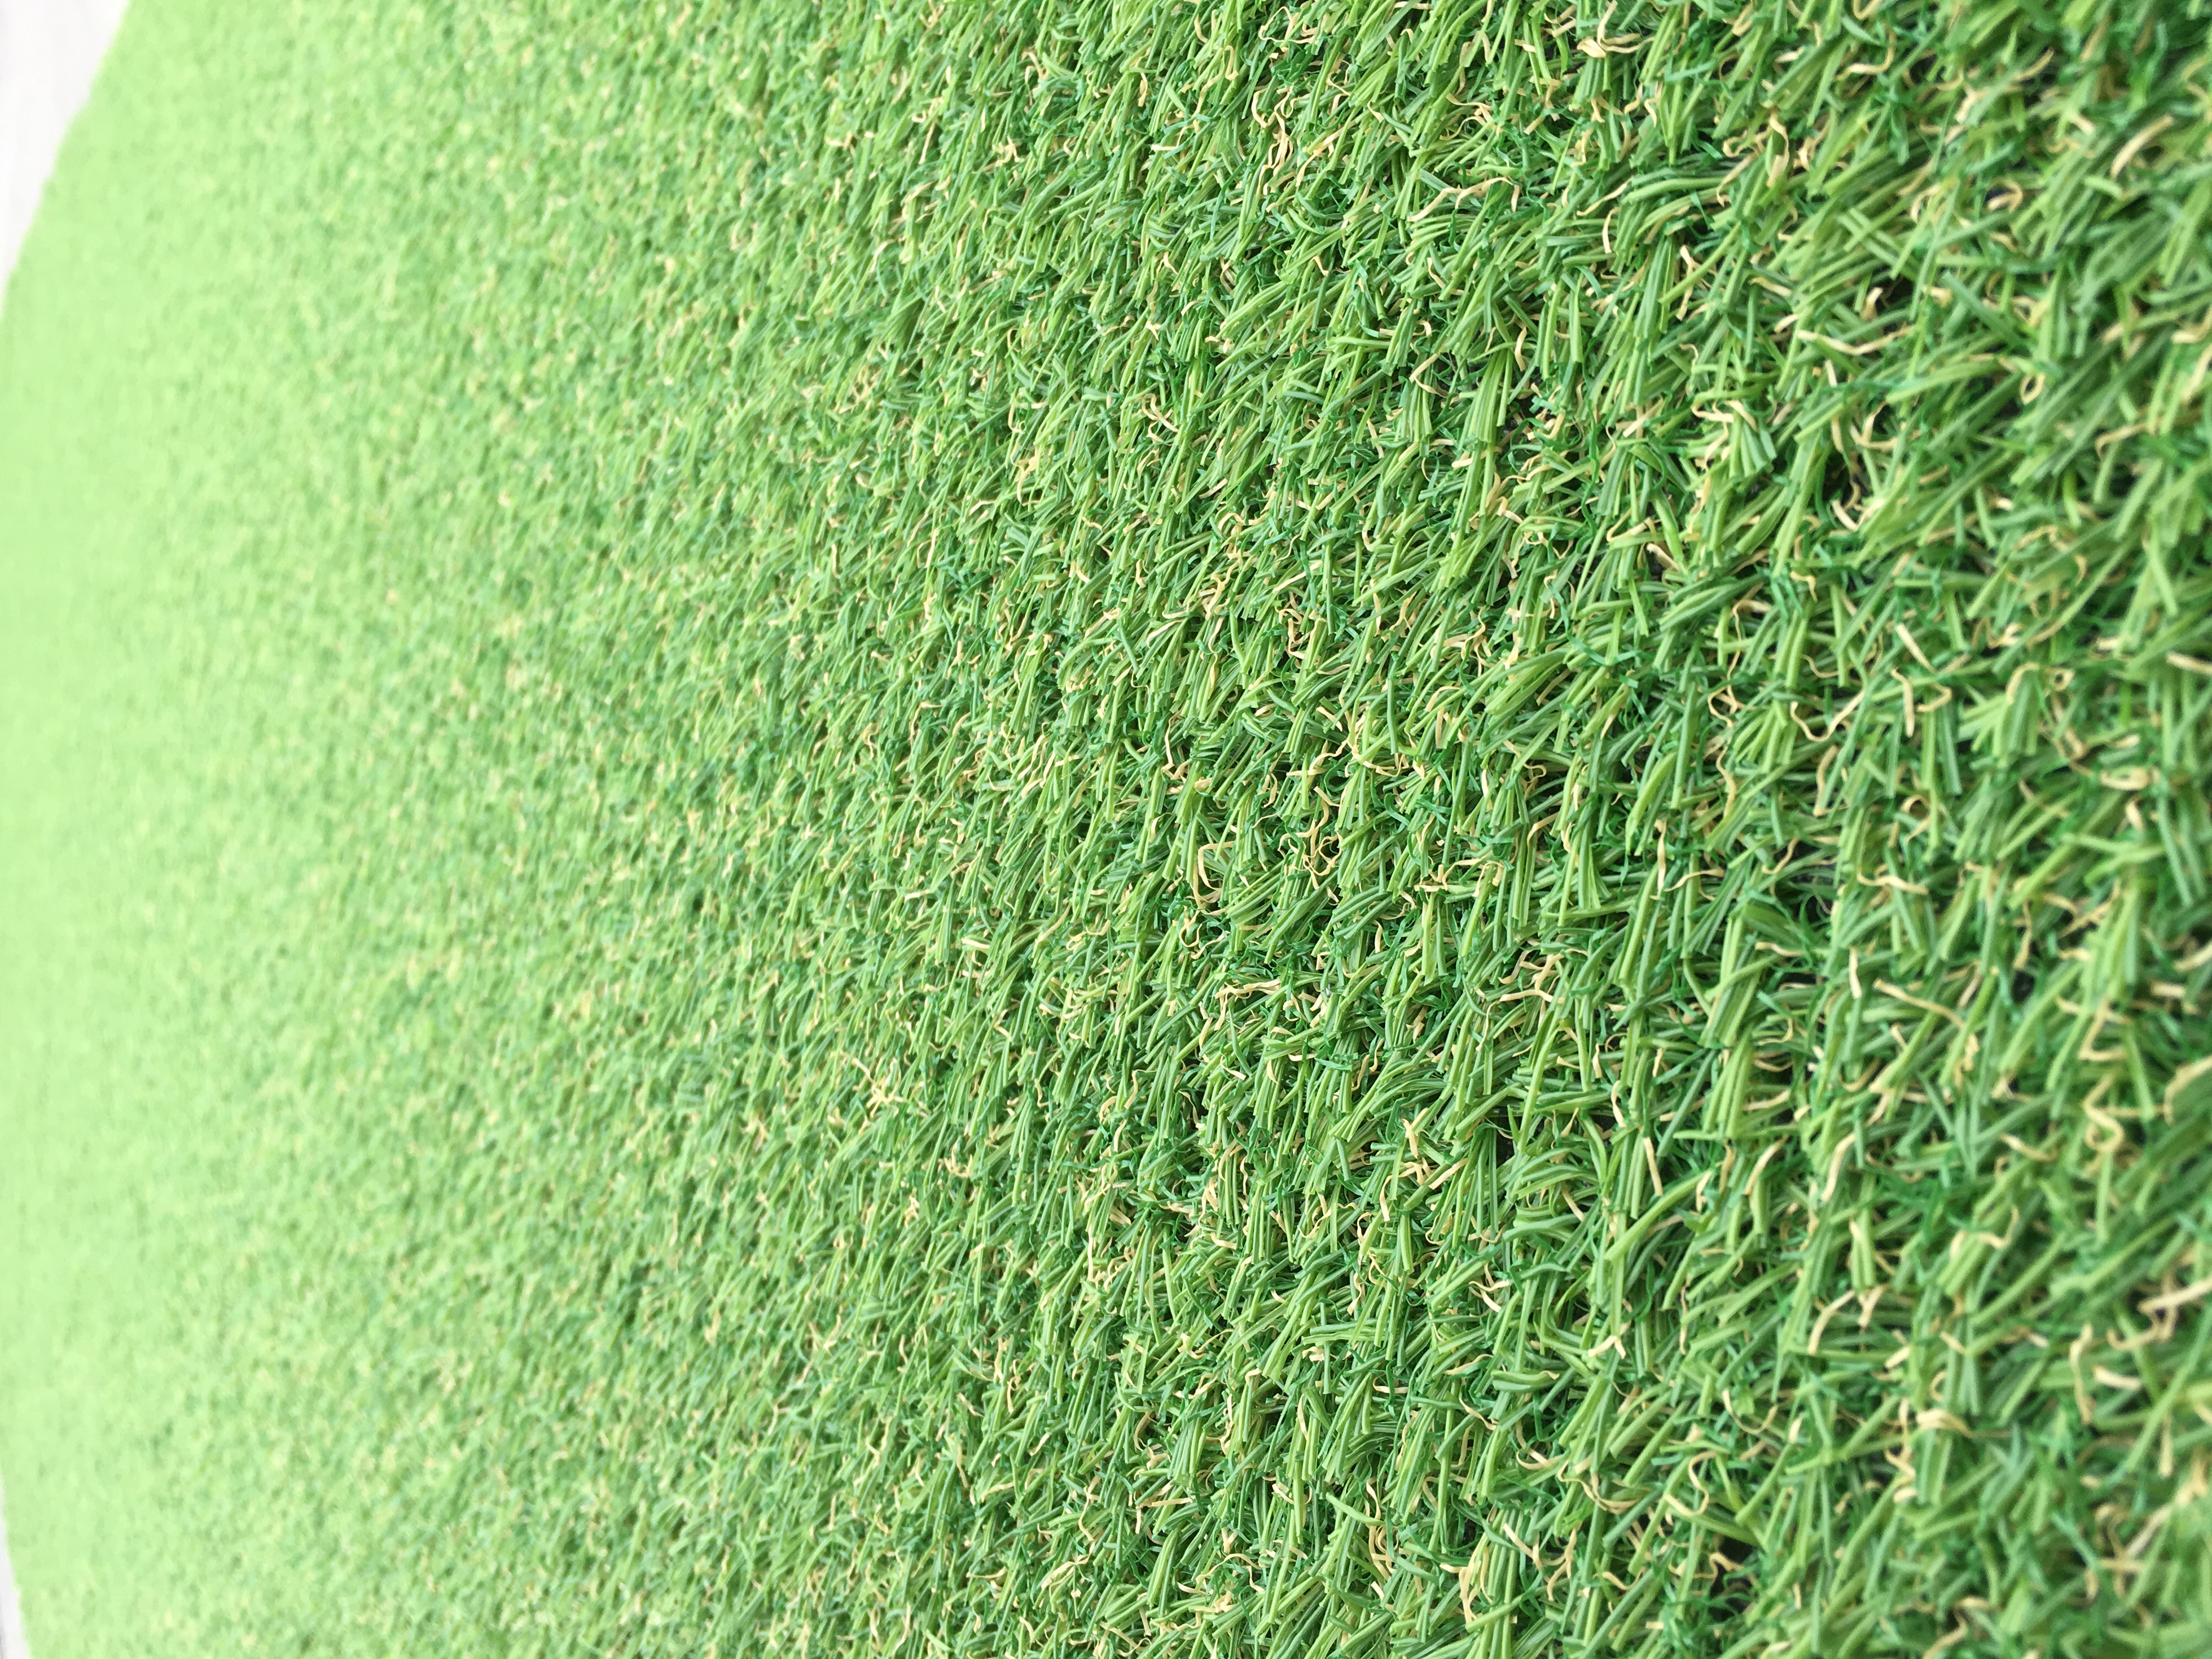 Covor Iarba Artificiala, Tip Gazon, Verde, Natura, 100% Polipropilena, 10 mm, 200x400 cm1